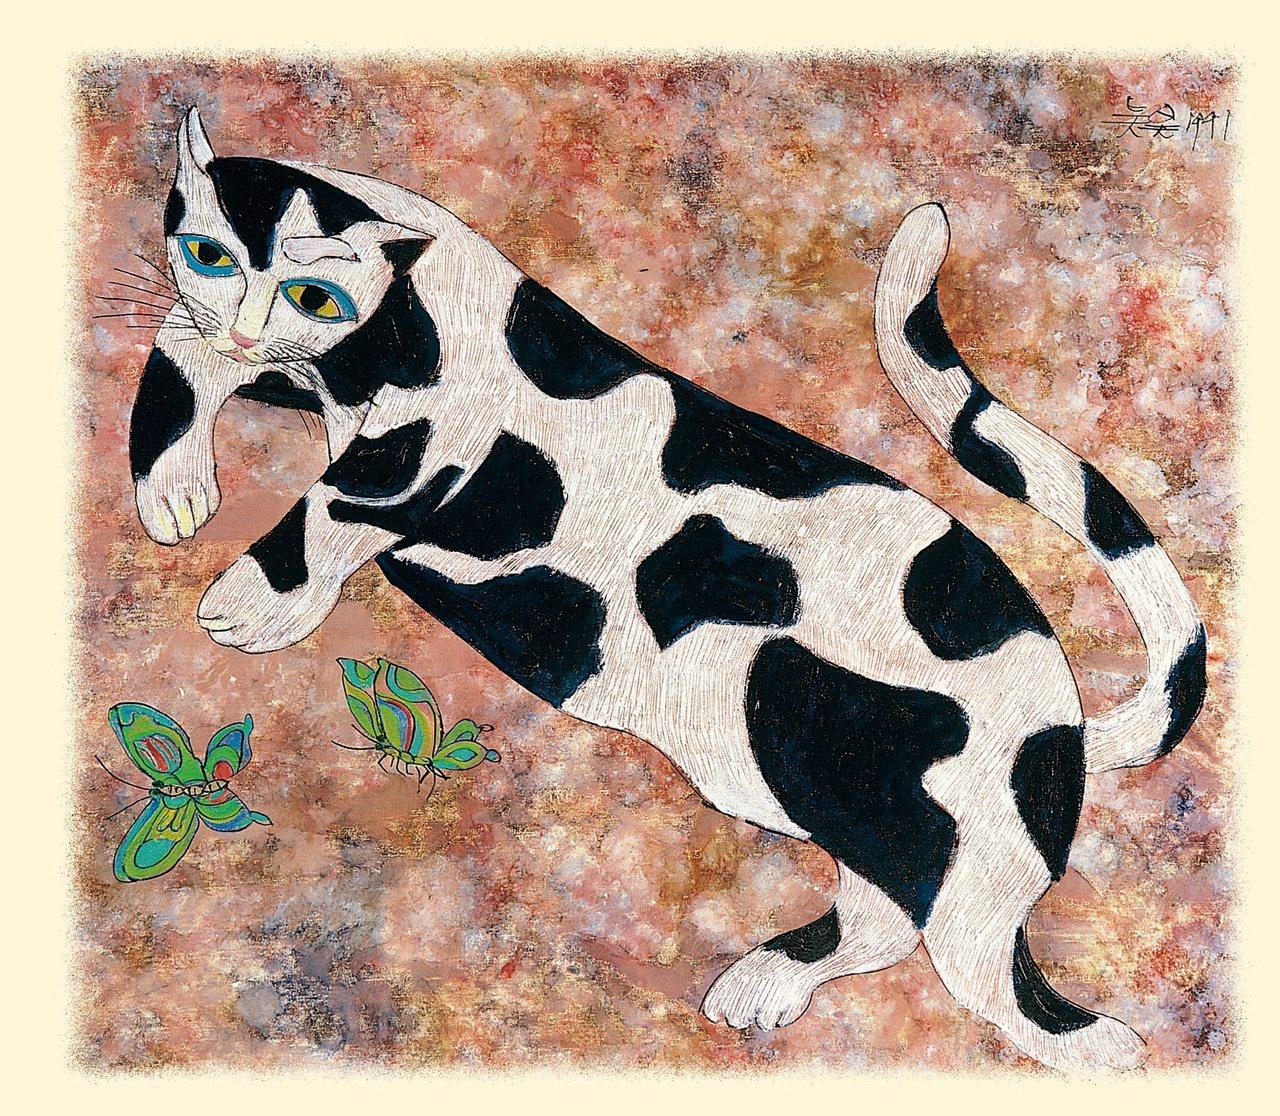 貓夢蝶。吳昊油畫作品,1991年。 圖片提供/心岱